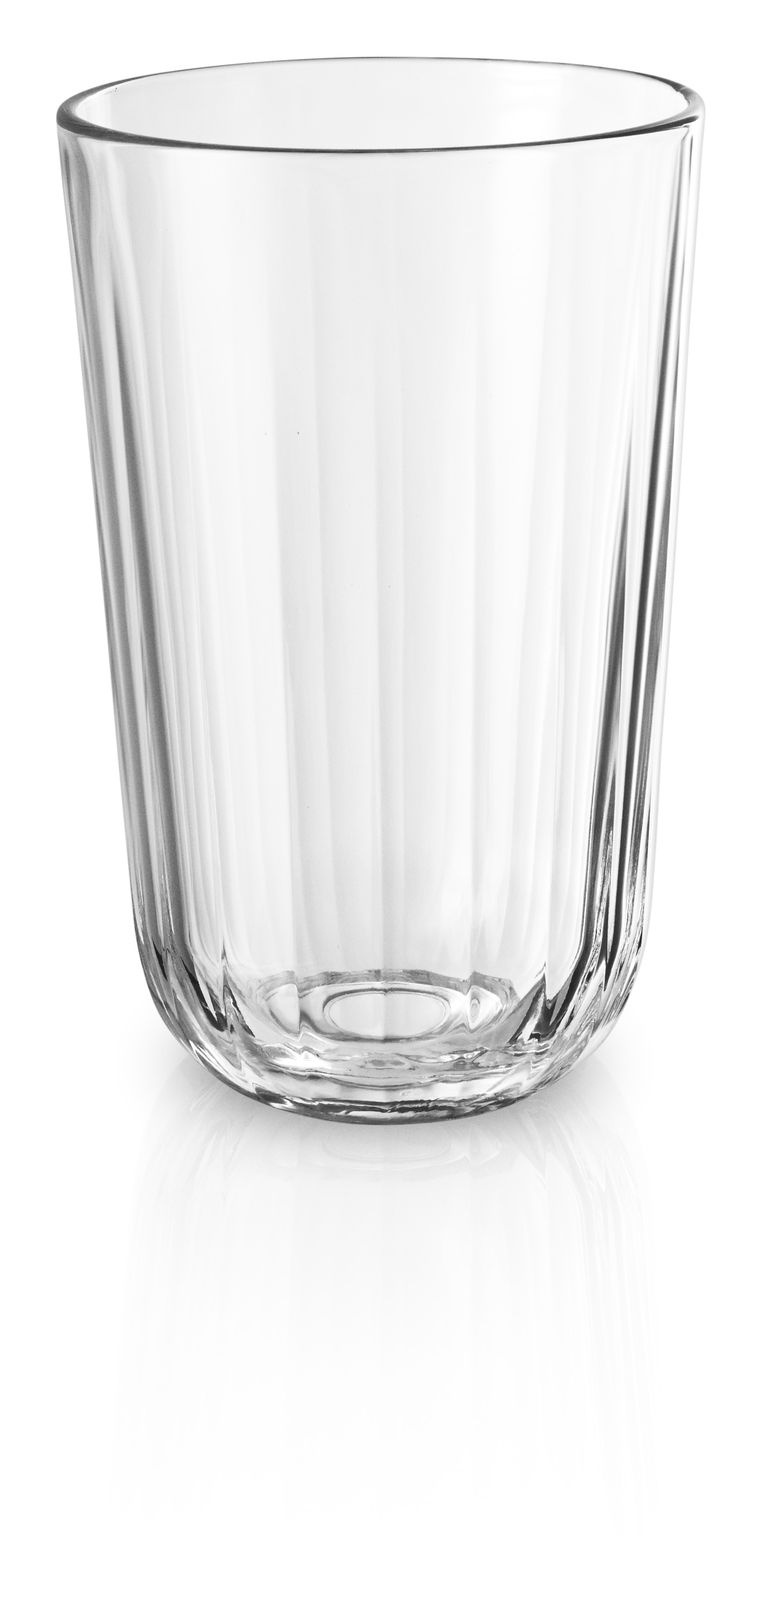 Eva Solo Glas Facet 430 ml Set van 4 Stuks